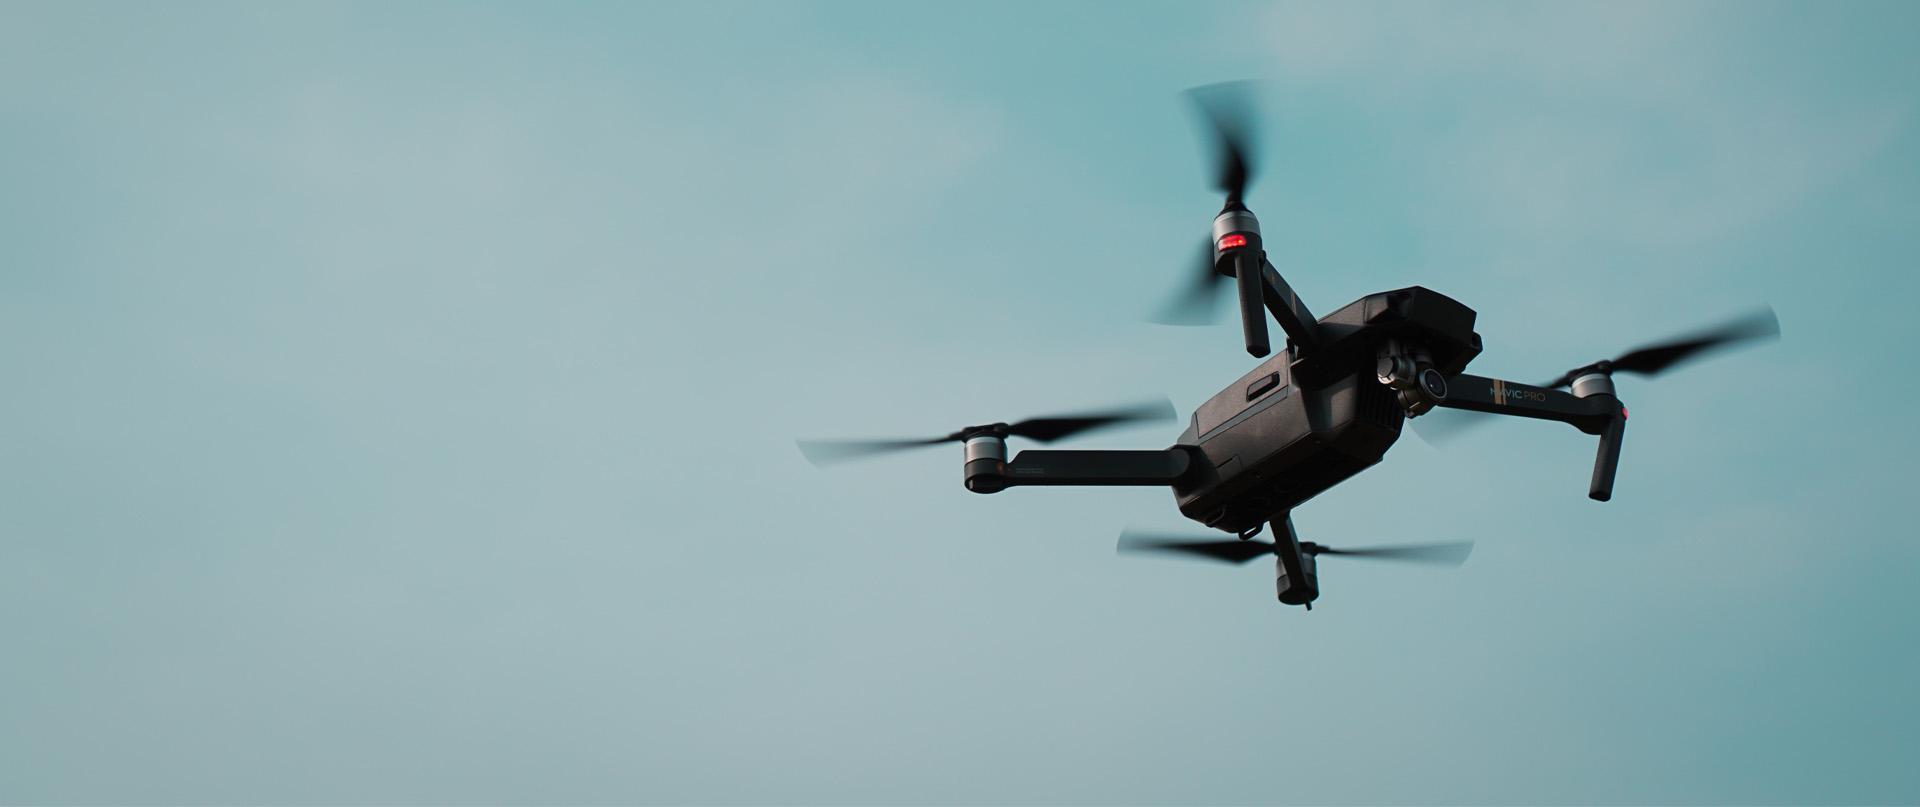 Đơn vị cung cấp dịch vụ quay flycam tại Long An uy tín